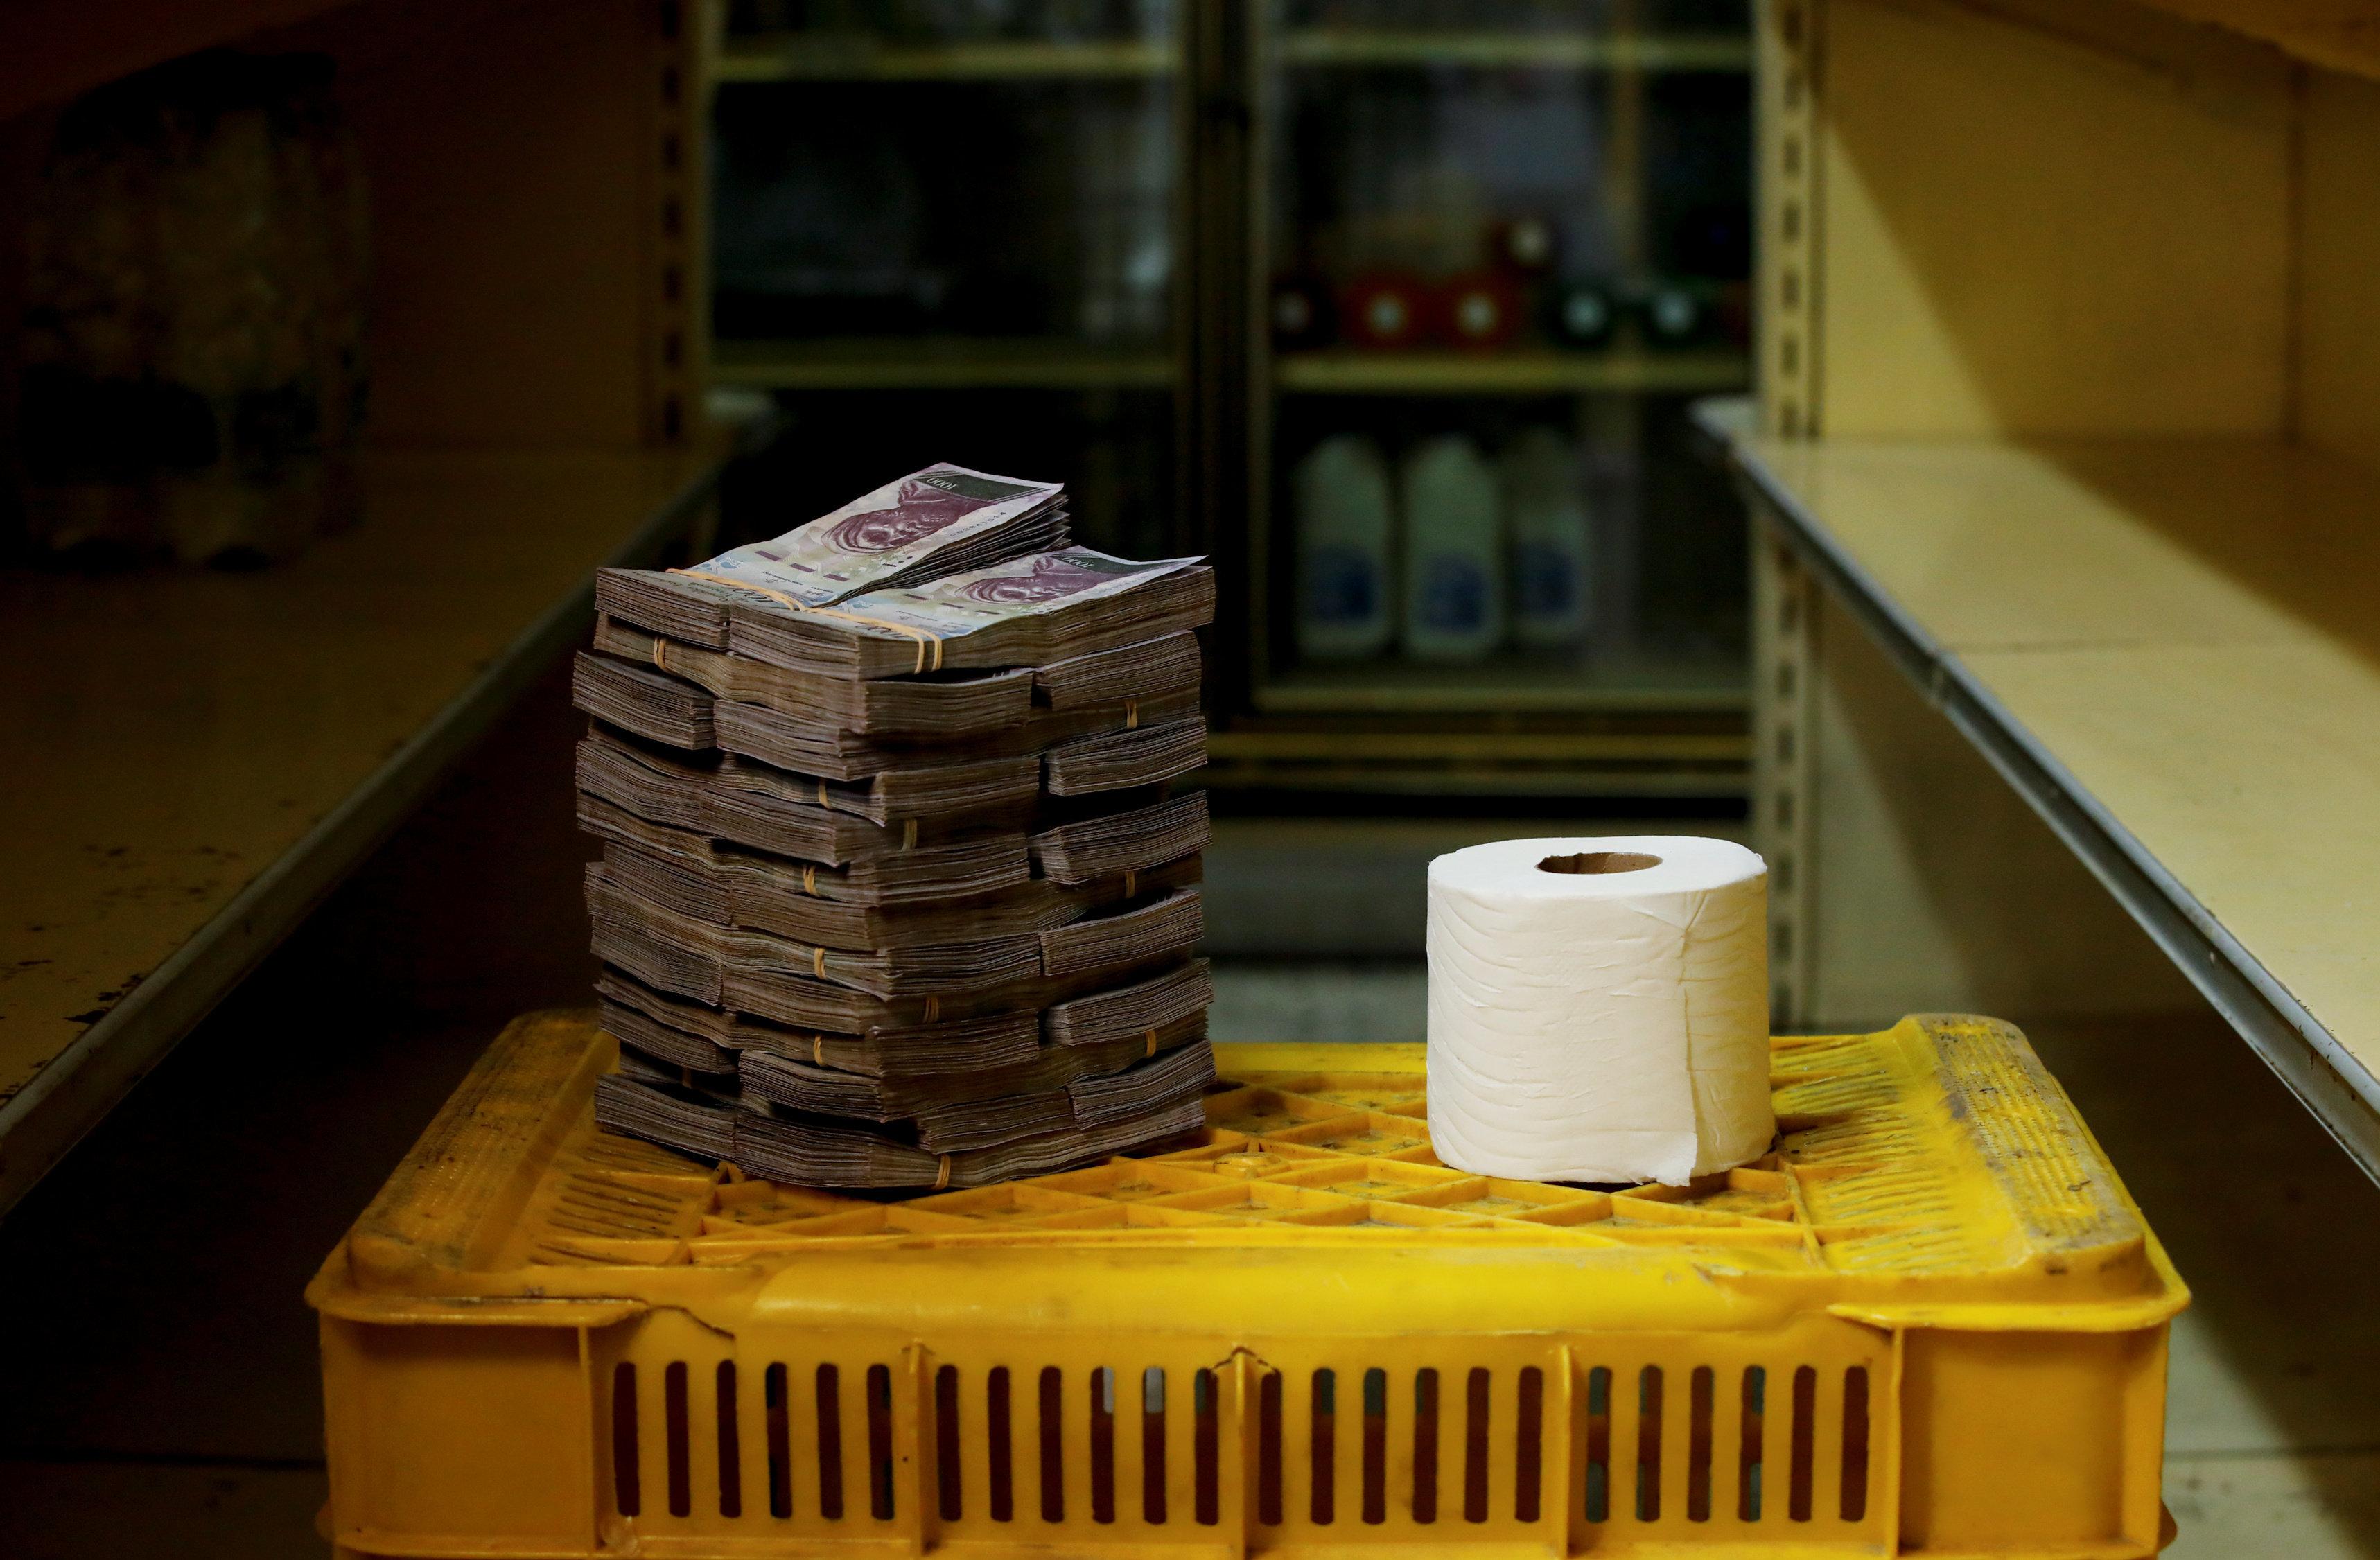 베네수엘라에서 물건구입에 필요한 지폐의 양을 카메라에